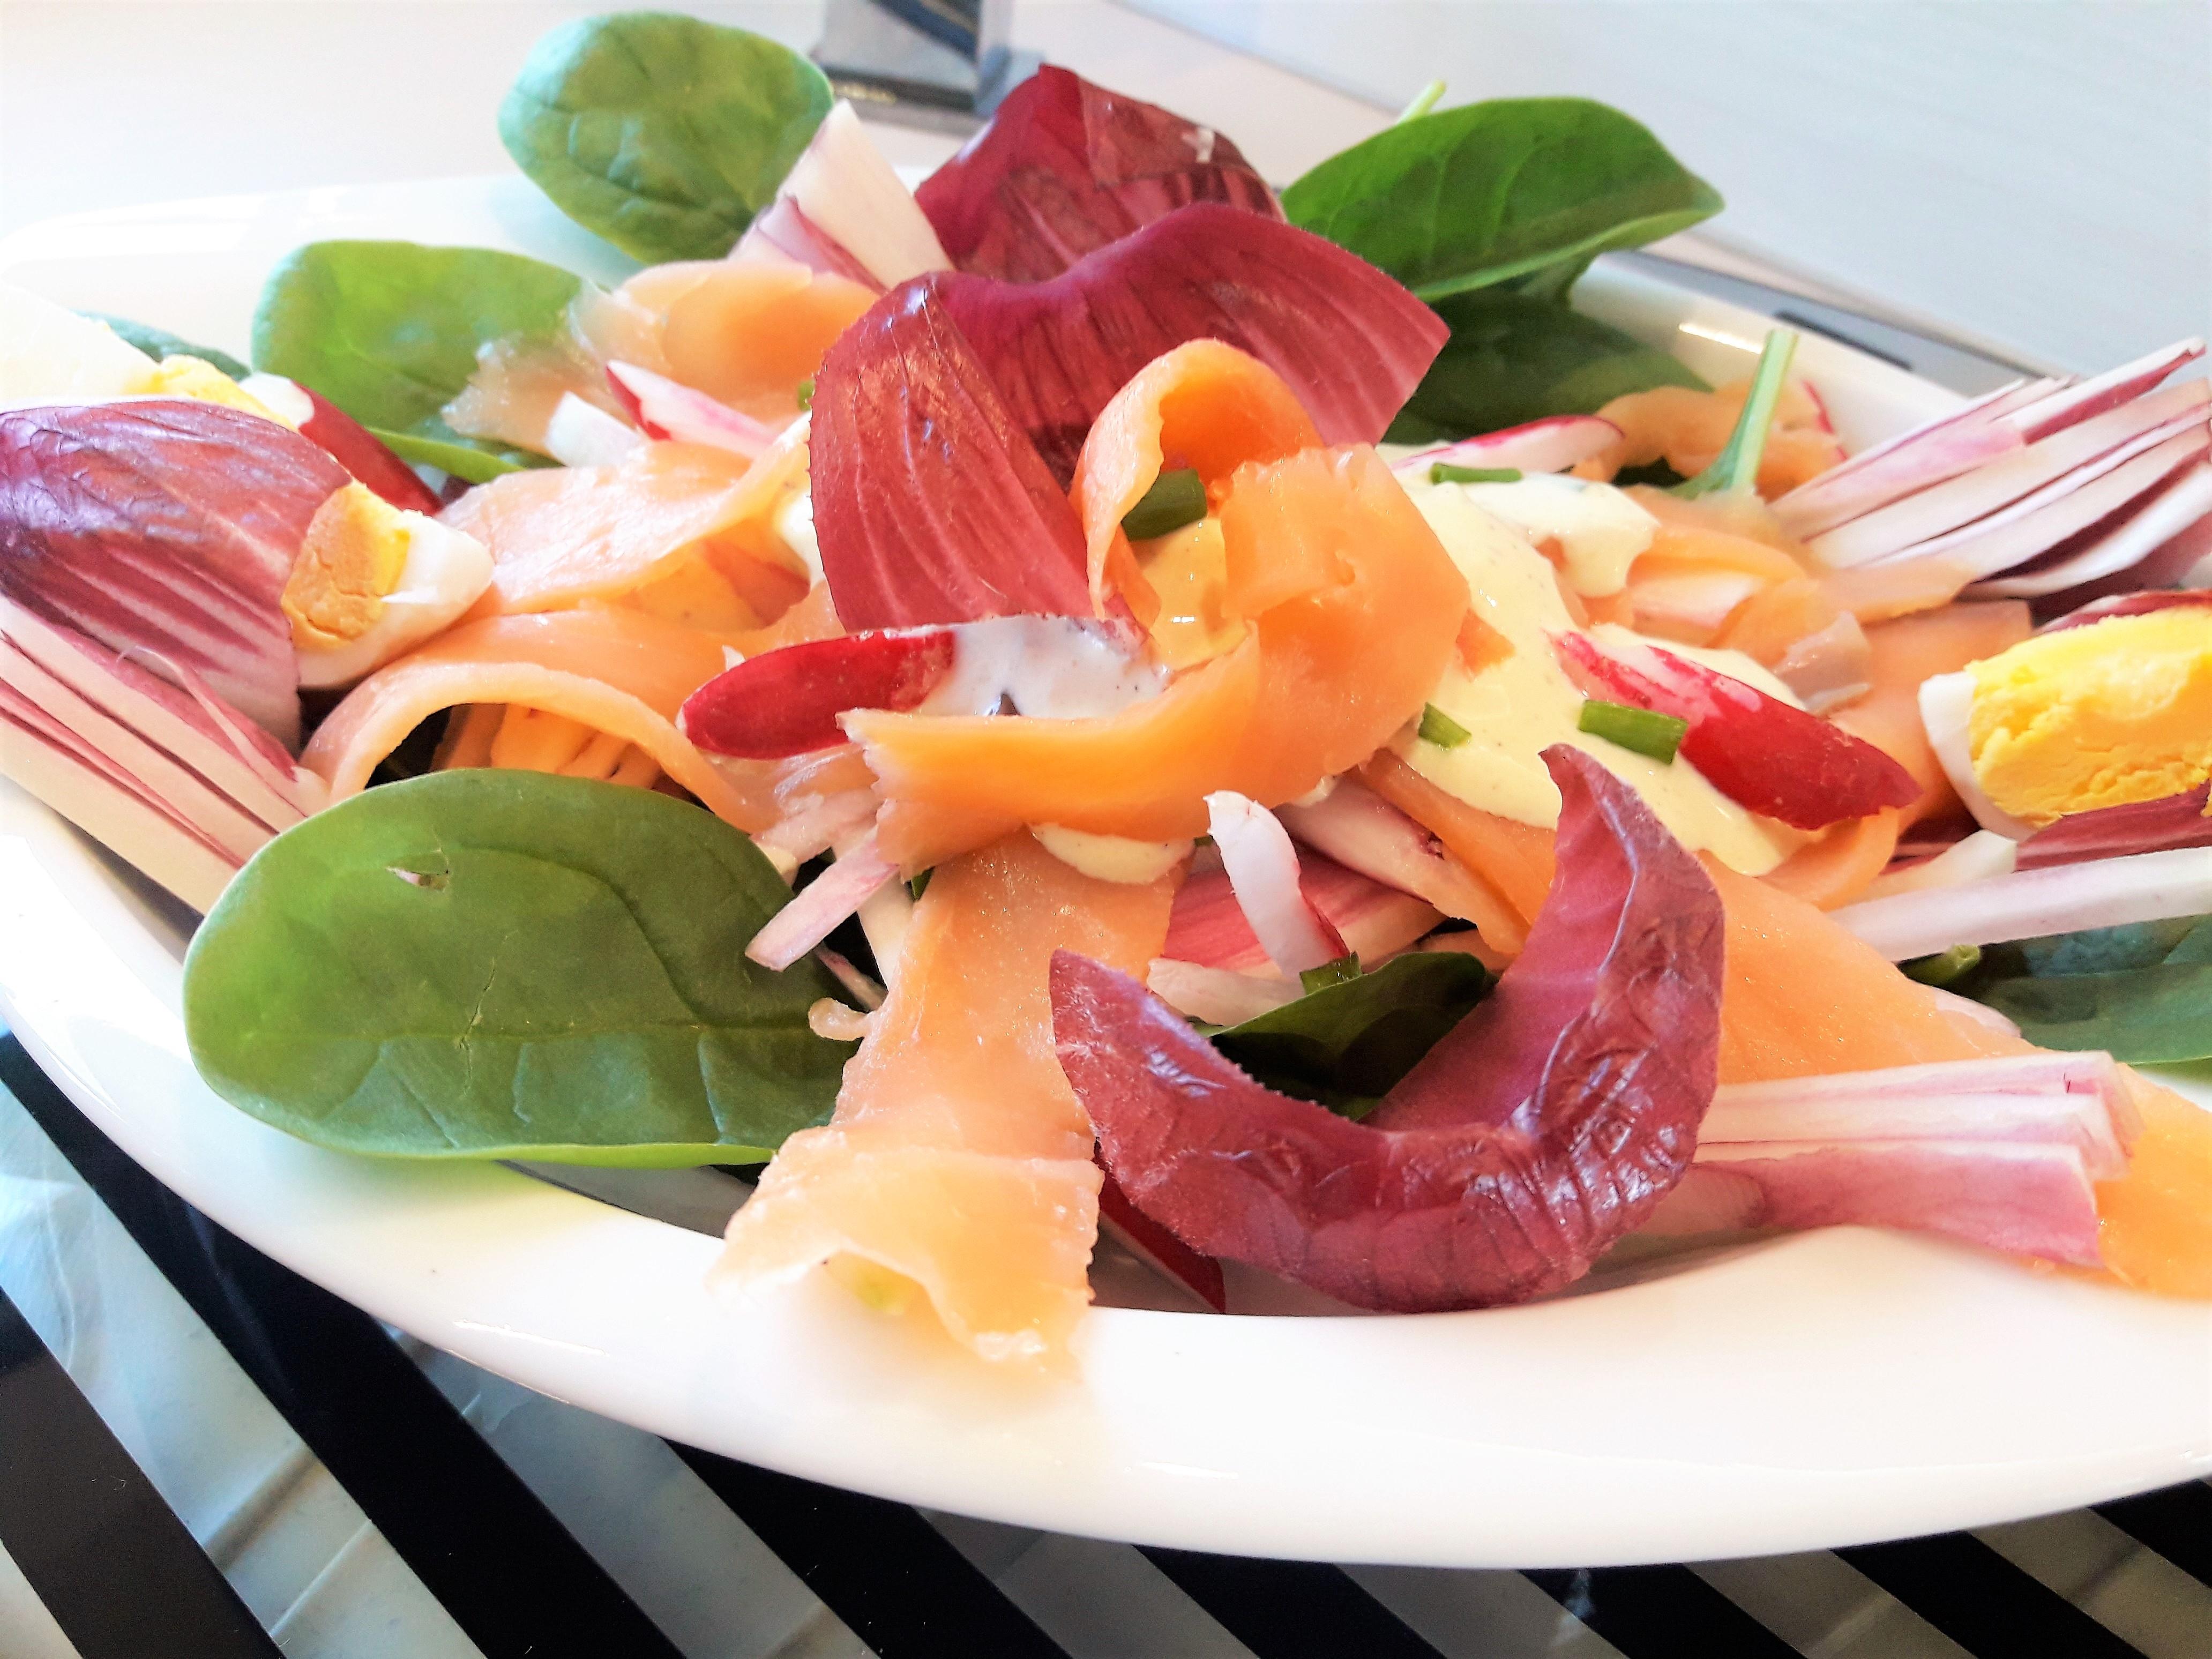 Salade nordique la recette facile par toqu s 2 cuisine for Salade pour accompagner poisson